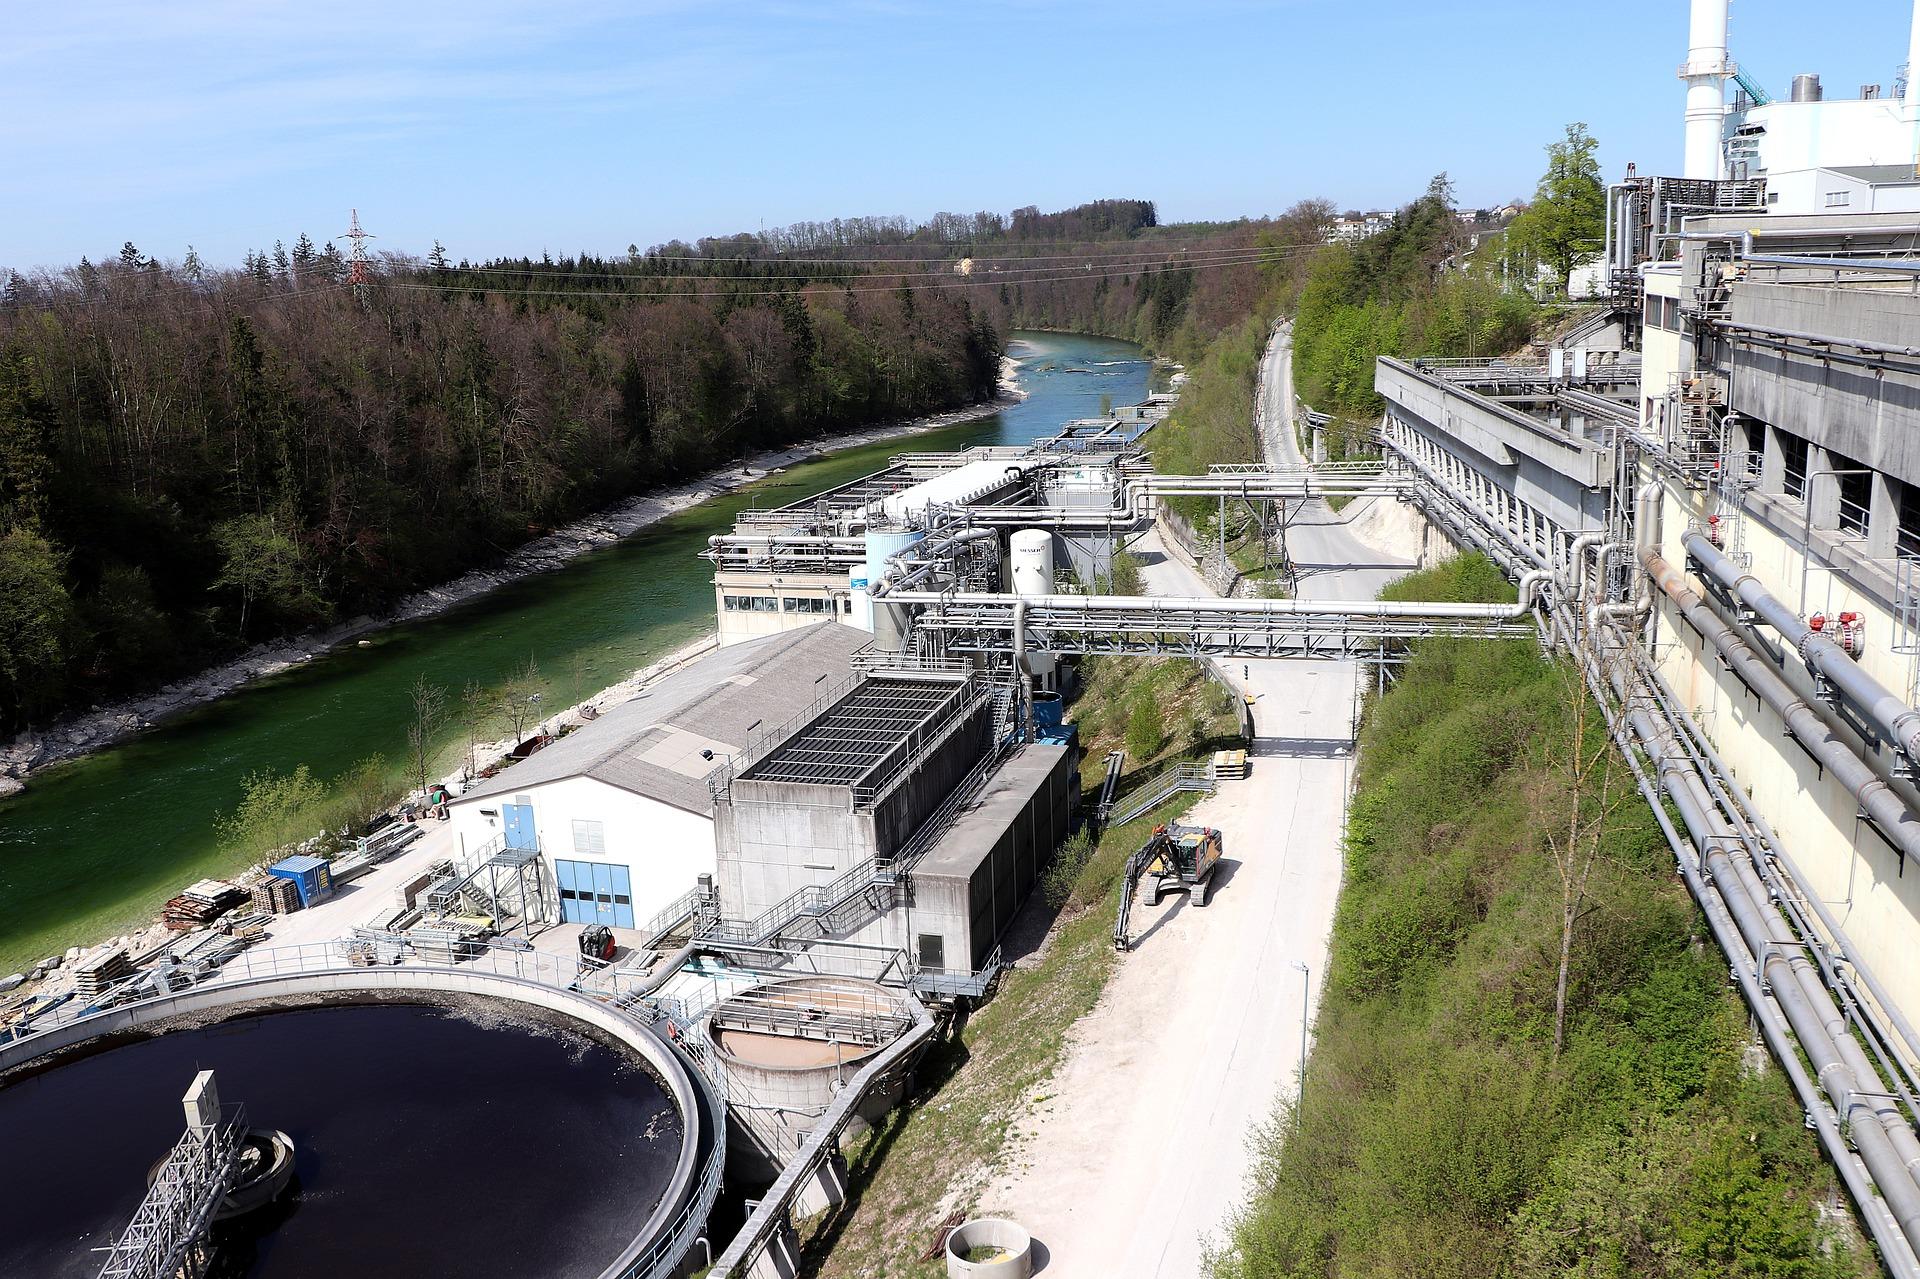 Funcionamento de reservatórios e elevatórias de água tratada